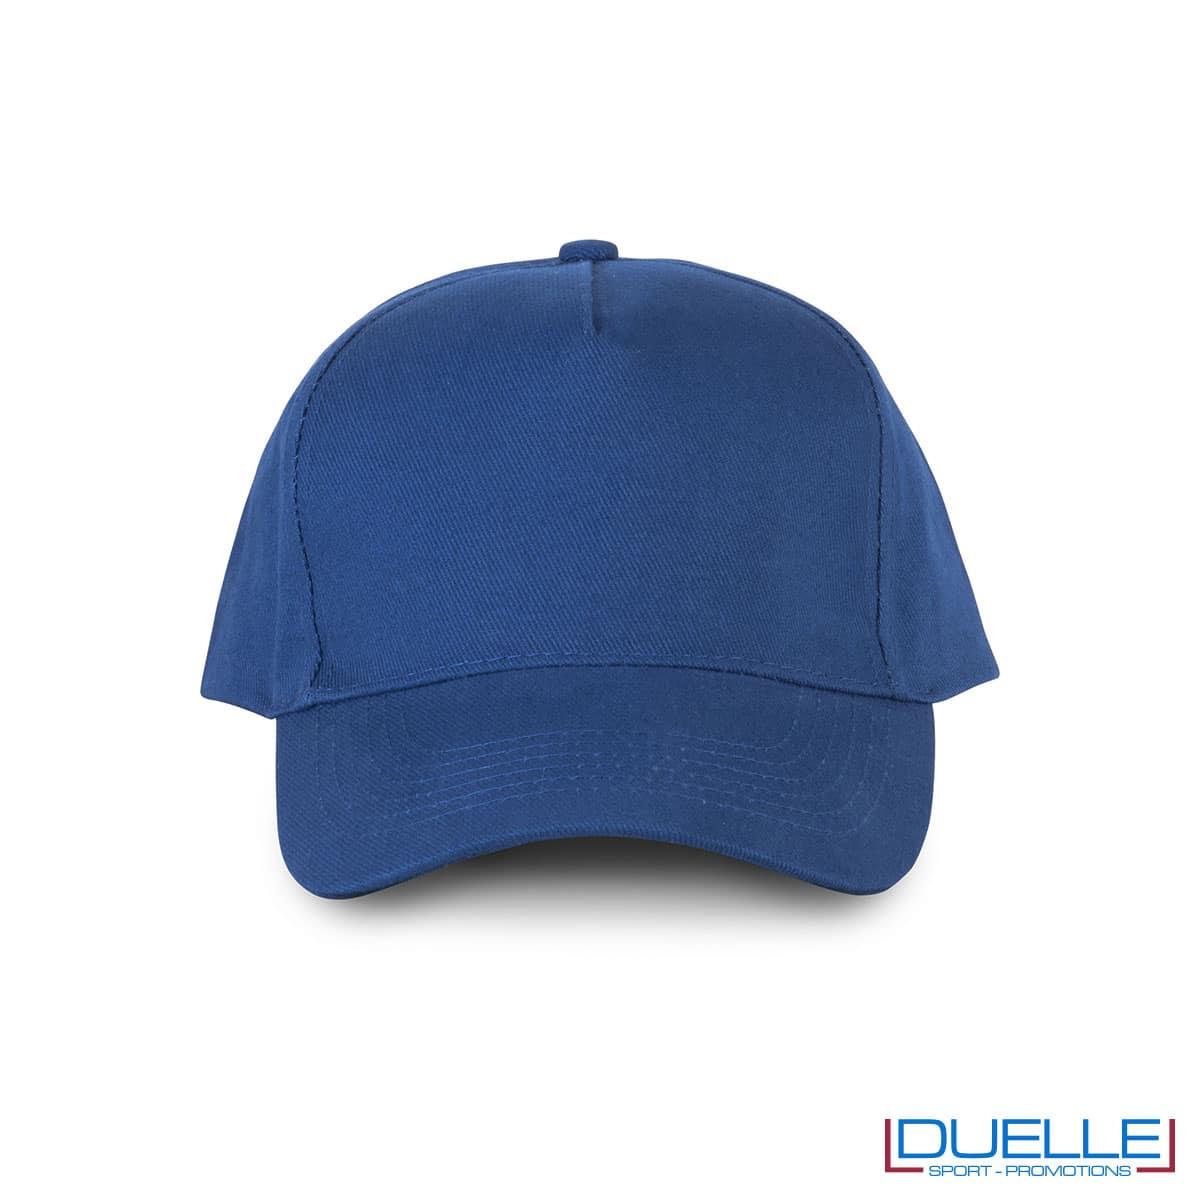 Cappellino 5 pannelli cotone bio 100% colore blu royal personalizzabile con stampa